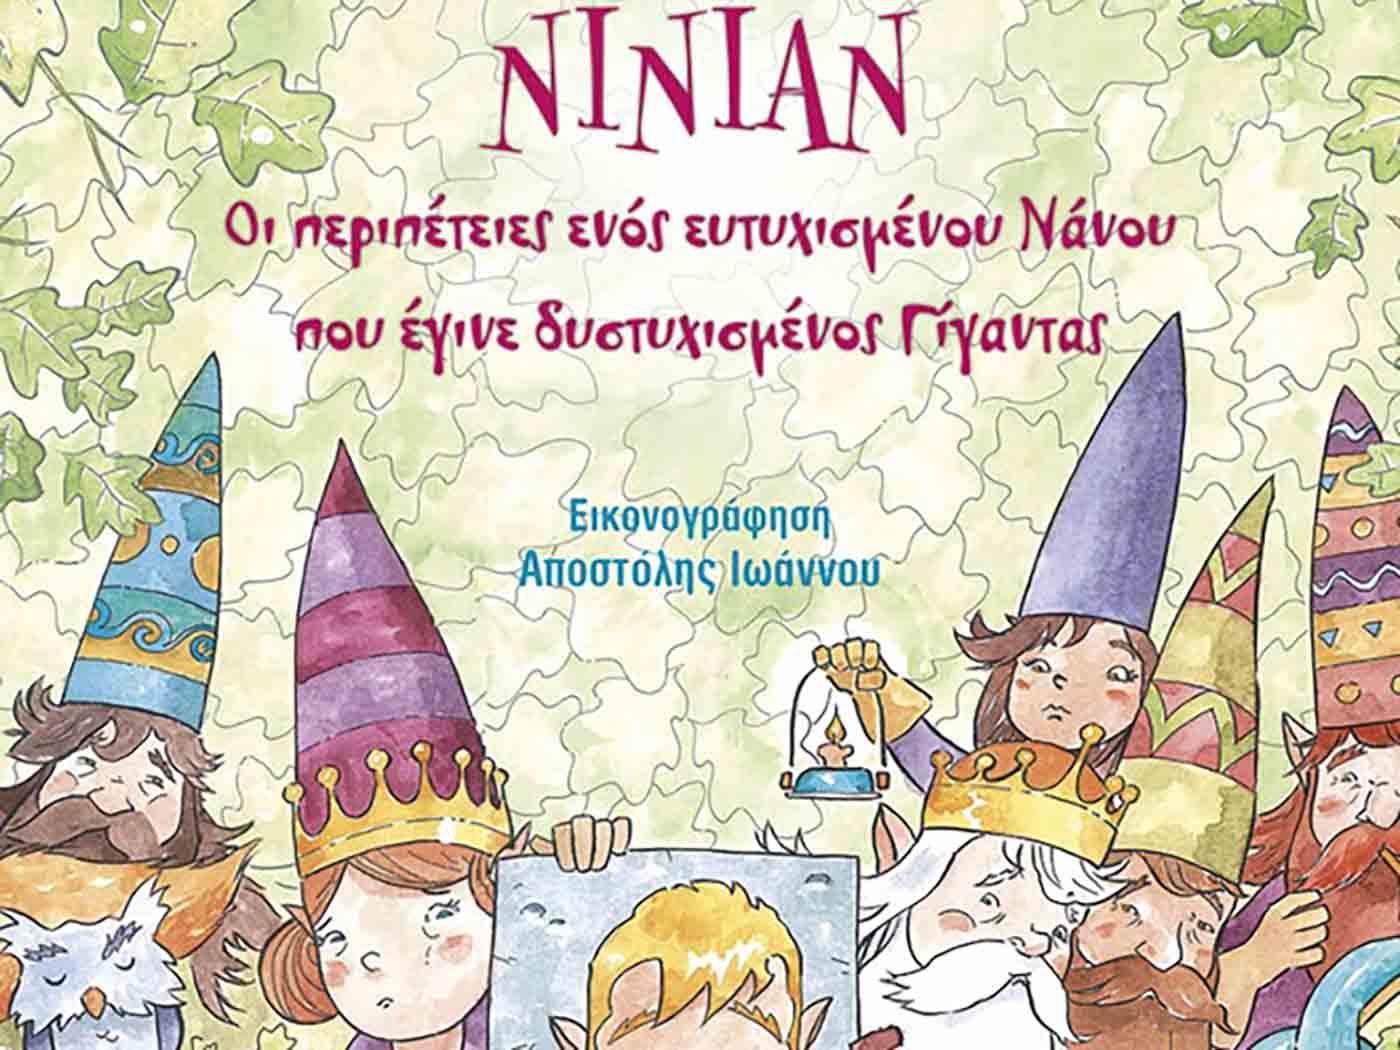 Νινιάν Οι περιπέτειες ενός ευτυχισμένου Νάνου, που έγινε δυστυχισμένος Γίγαντας –Thisisus.gr